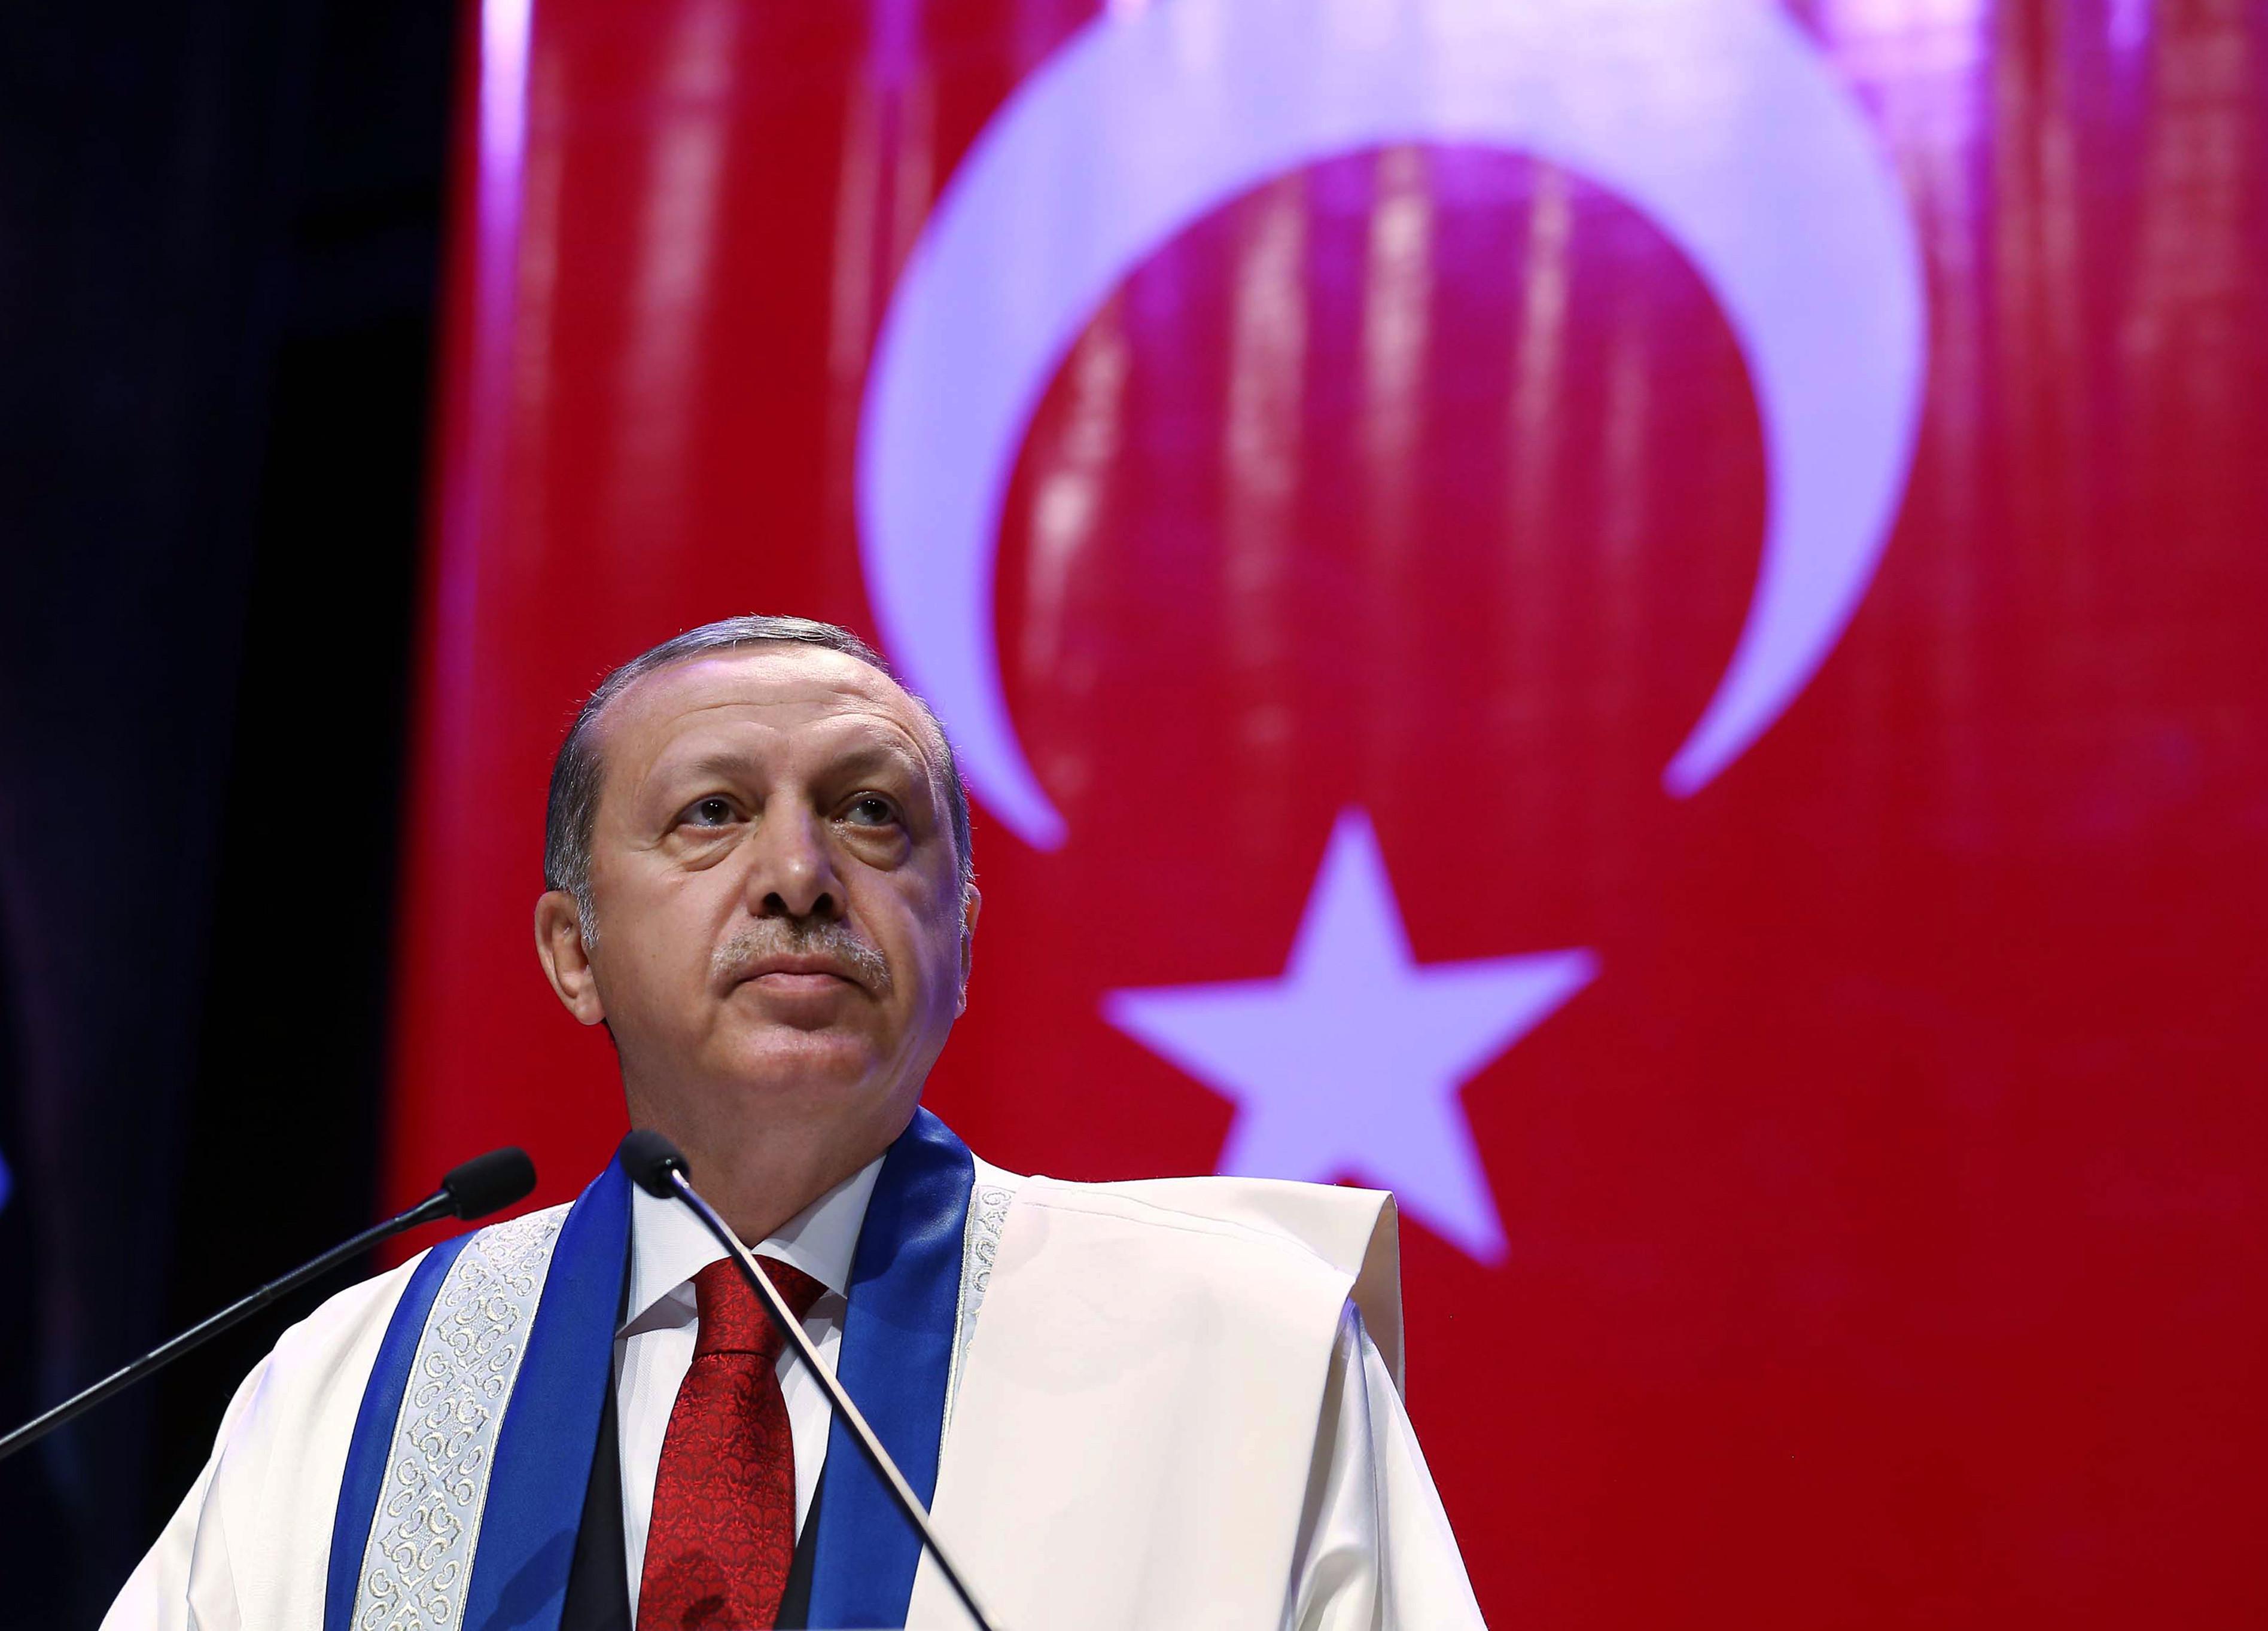 艾爾段任內第3次 土耳其1960年來已有4次成功政變